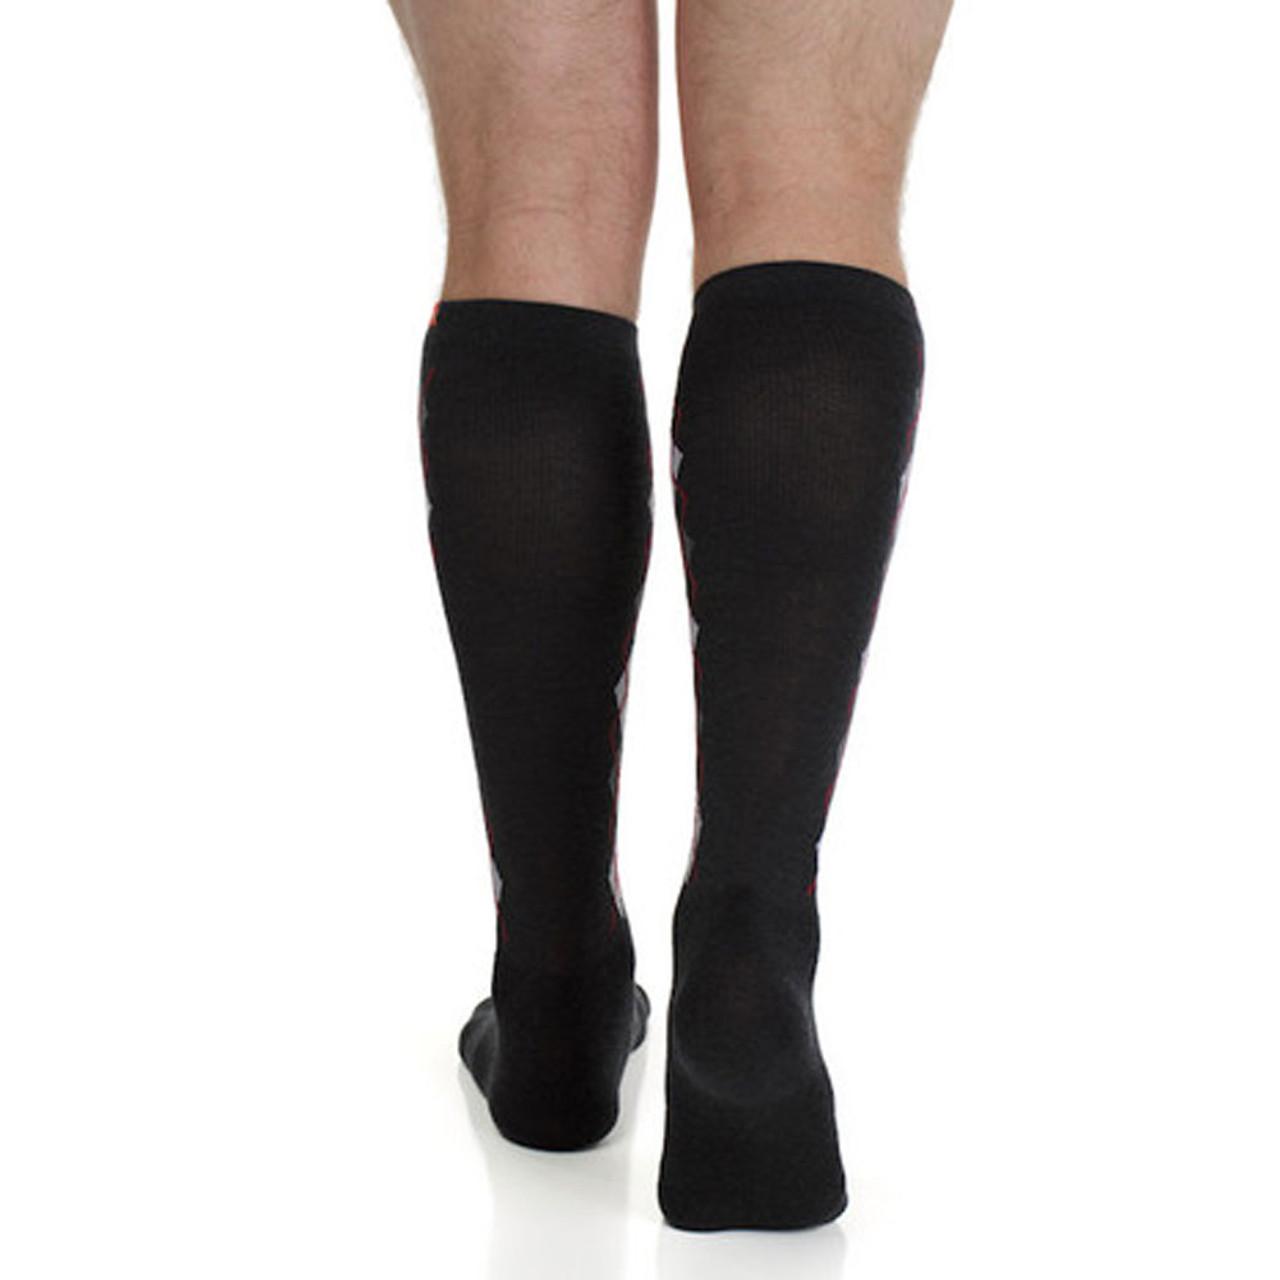 c5704fa1dc09e Men's Wool Knee High Compression Socks Argyle - Purple Leopard Boutique